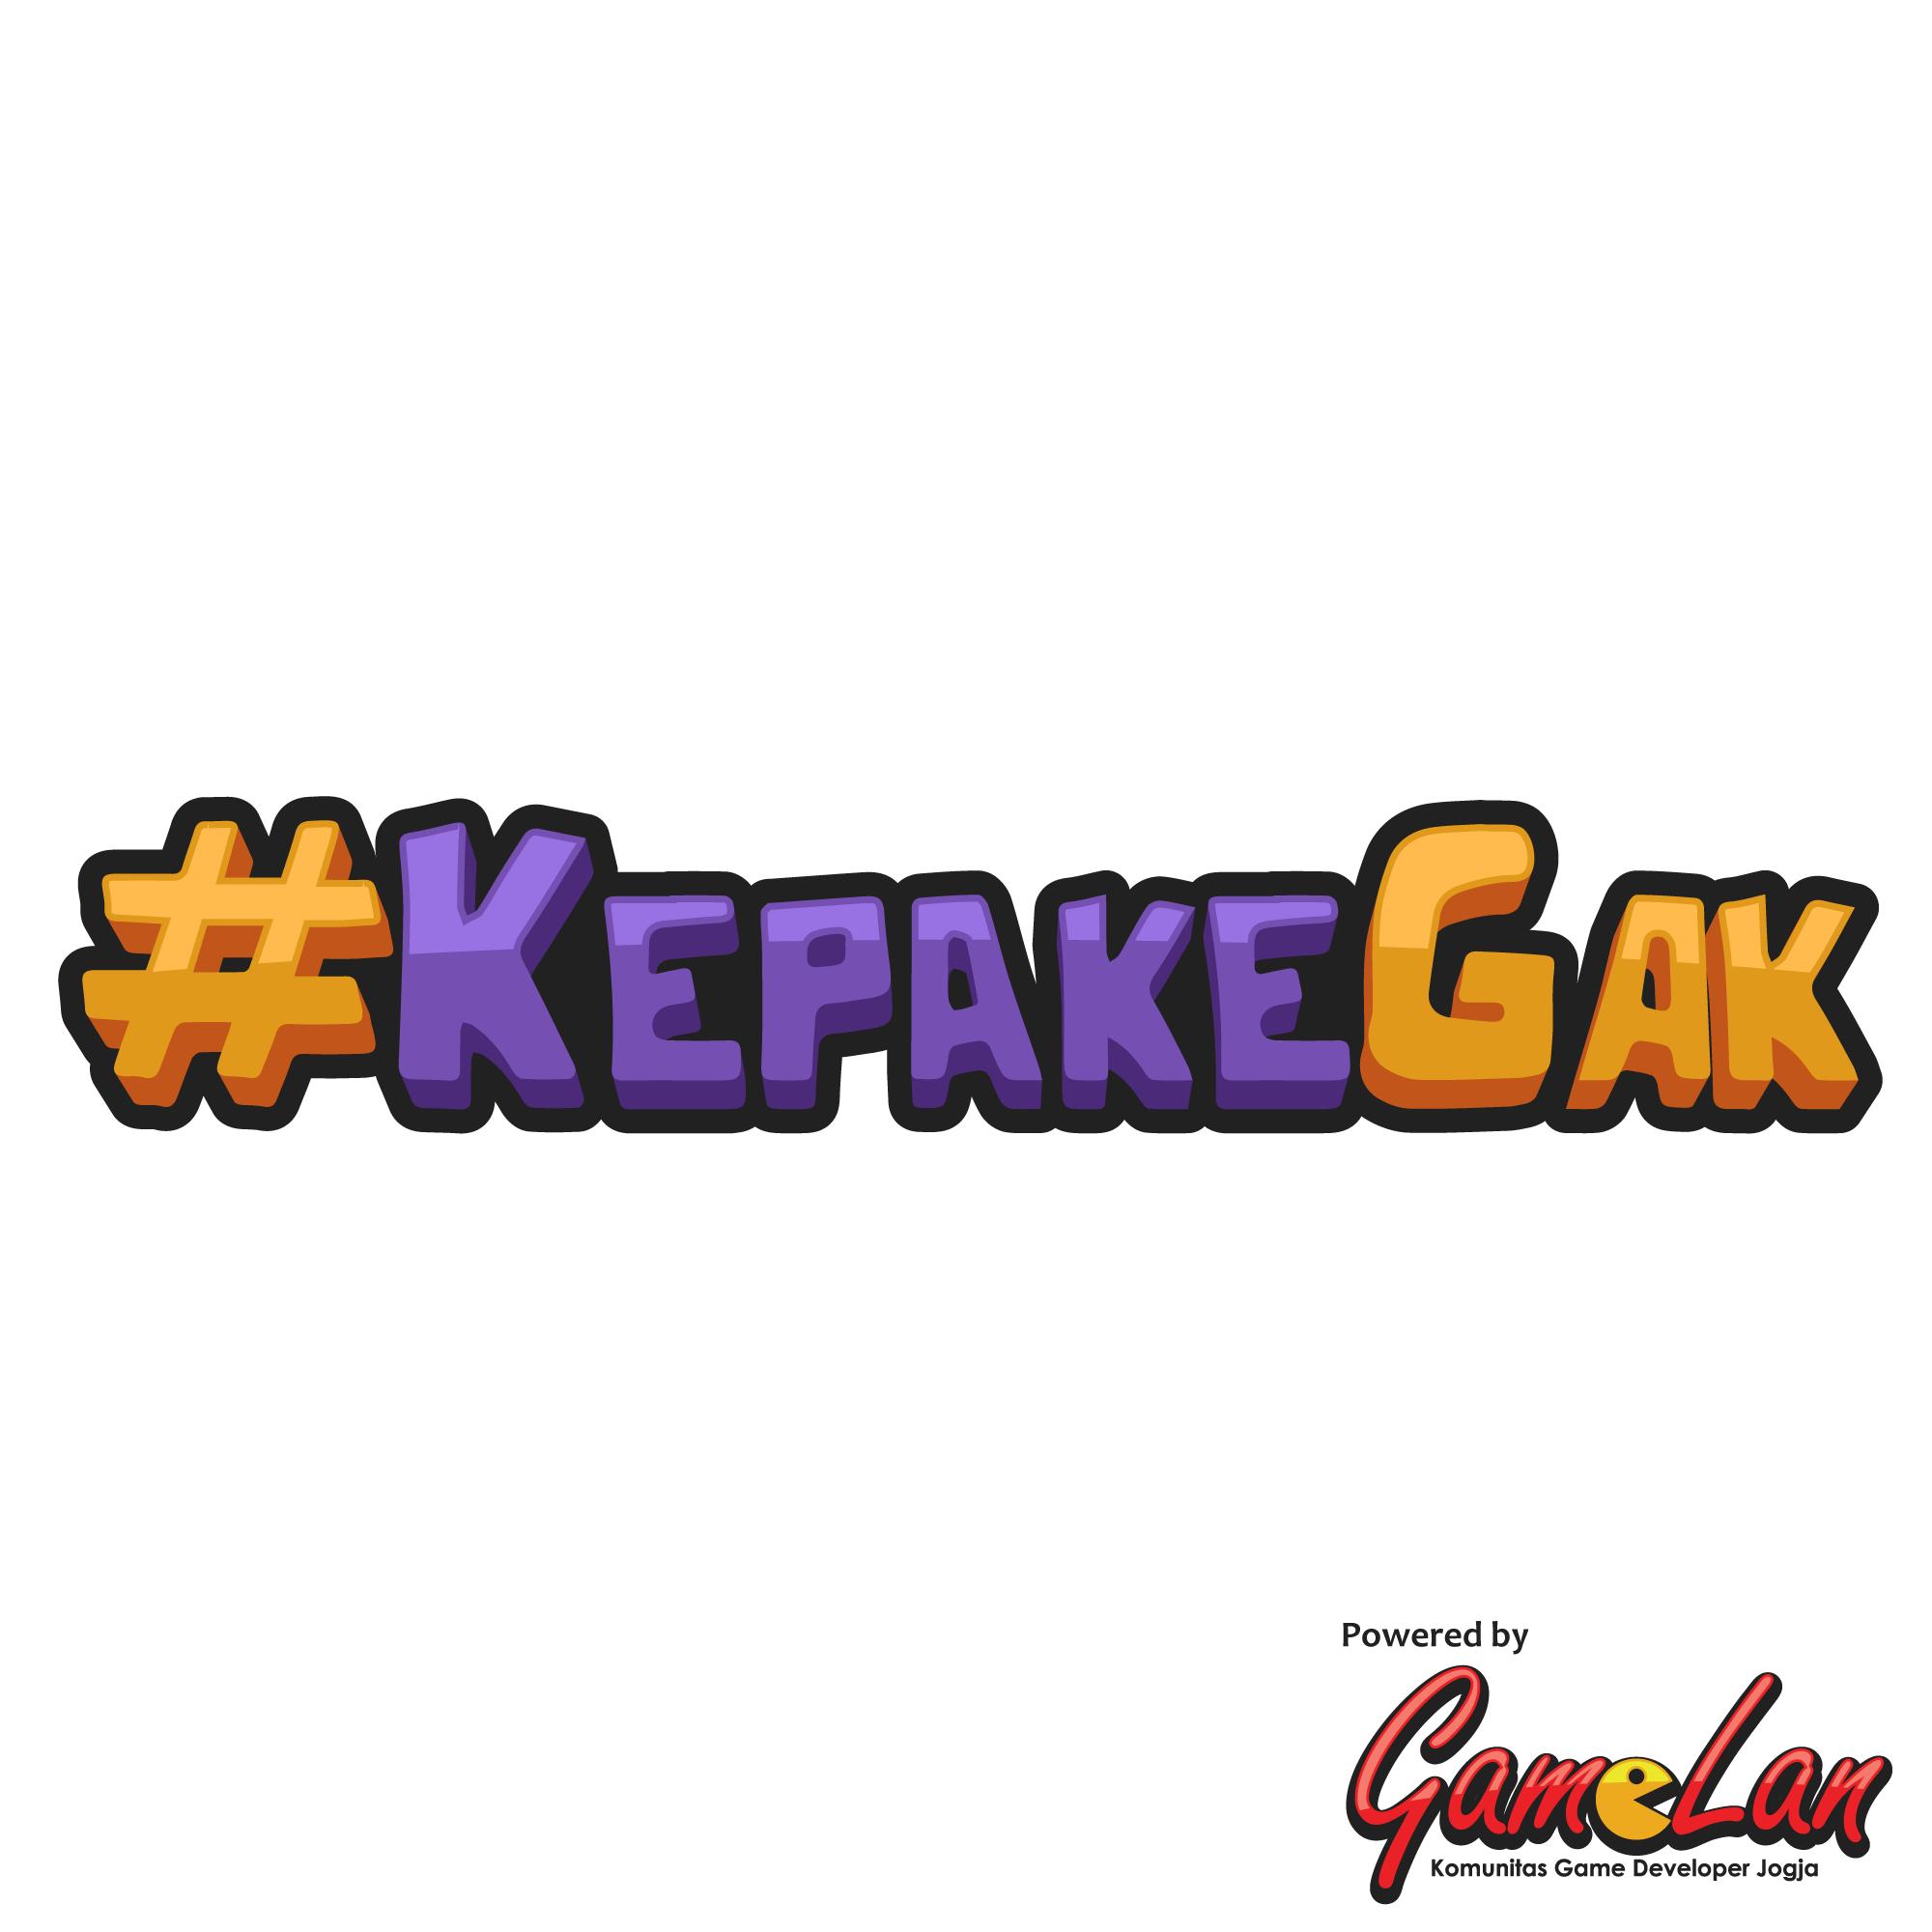 GameLan #KepakeGak 3